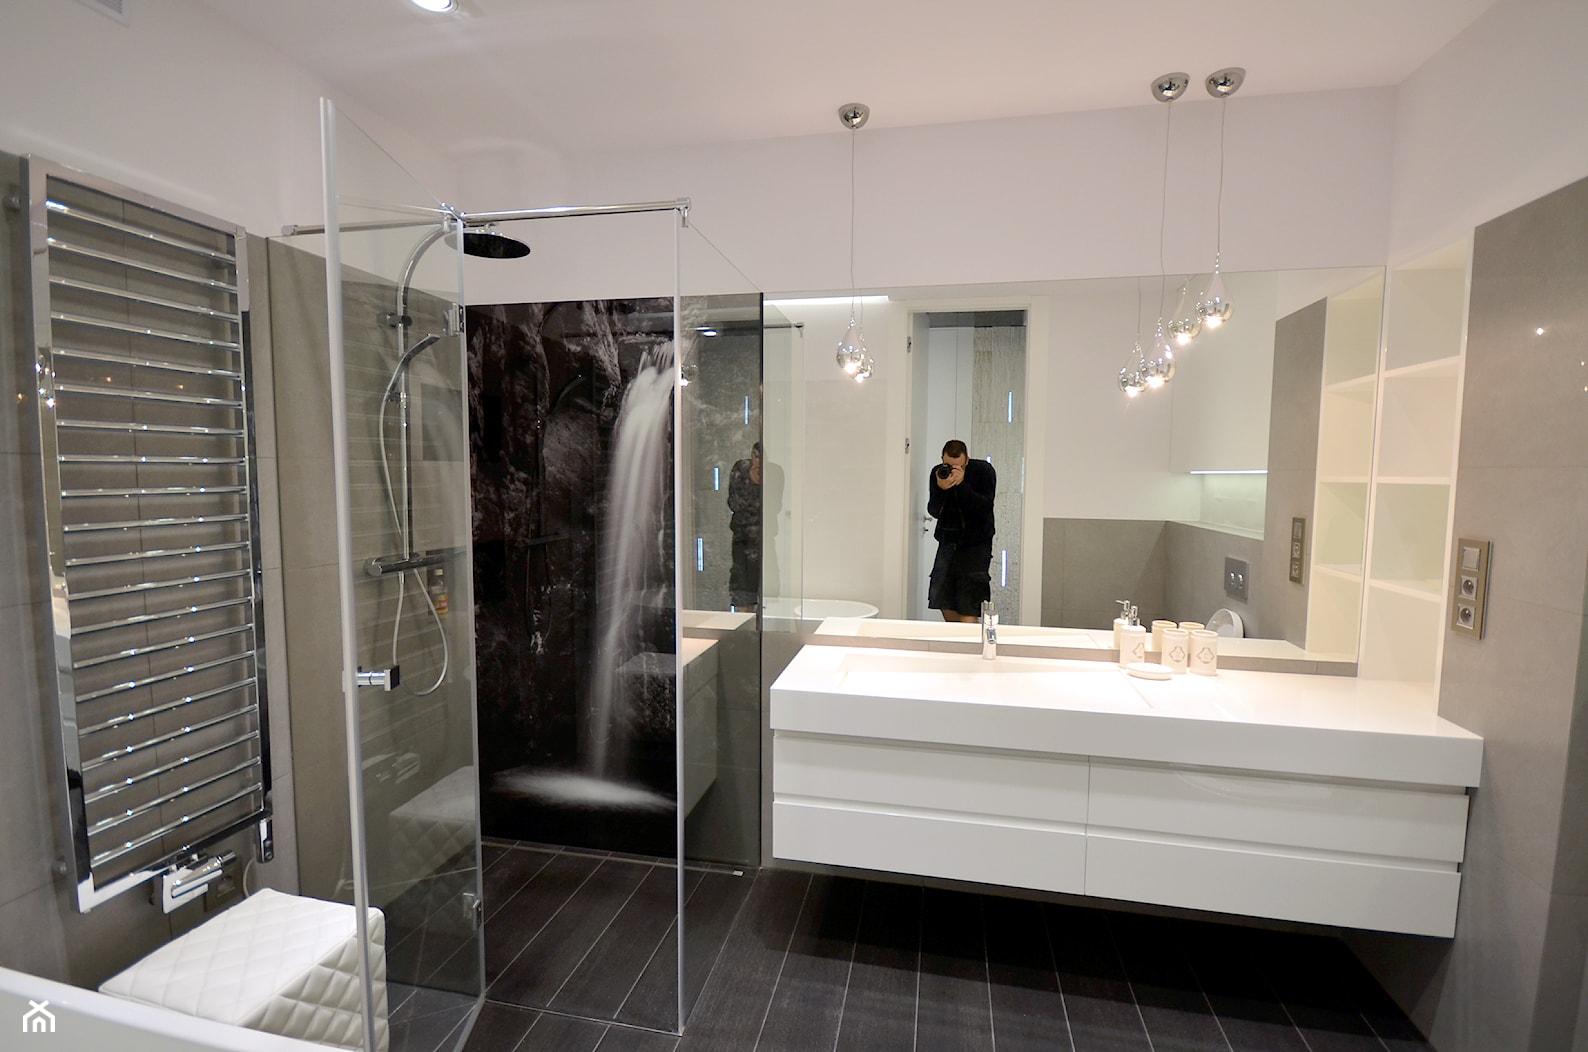 czarno- biały apartament 125m2 - Średnia biała szara łazienka bez okna, styl nowoczesny - zdjęcie od bm2 brzostek maciej - Homebook